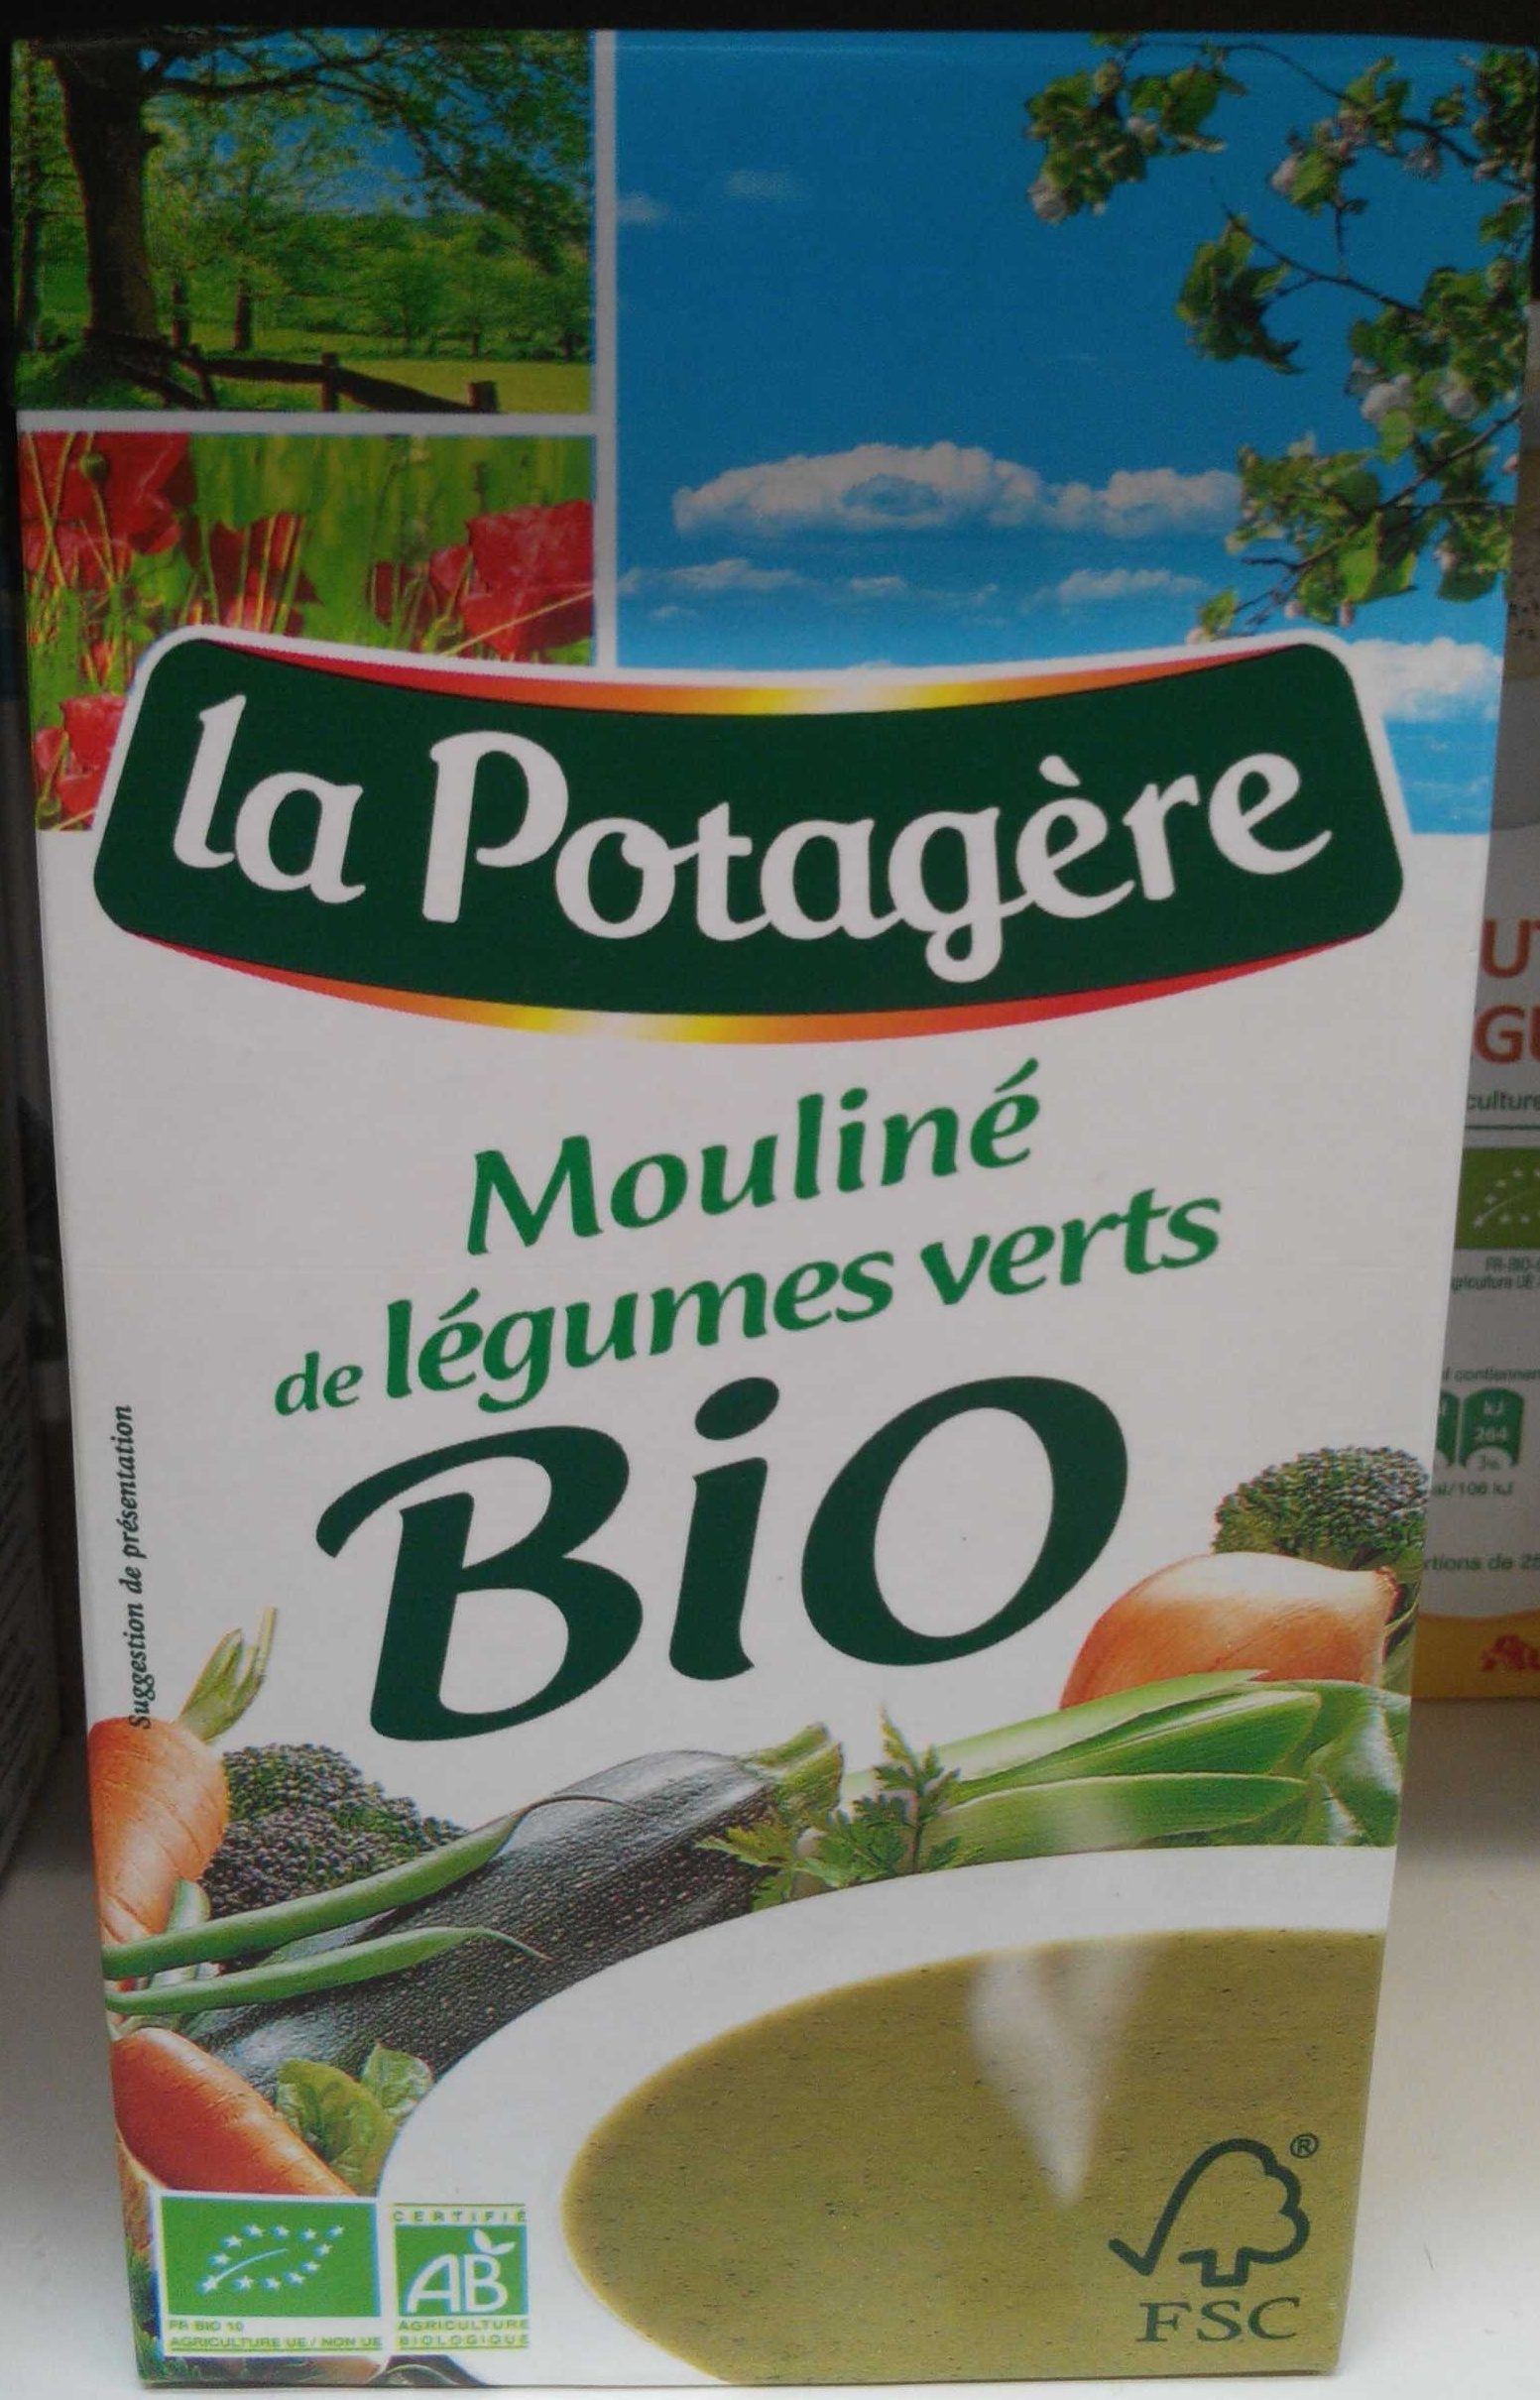 Mouliné de légumes verts bio - Product - fr